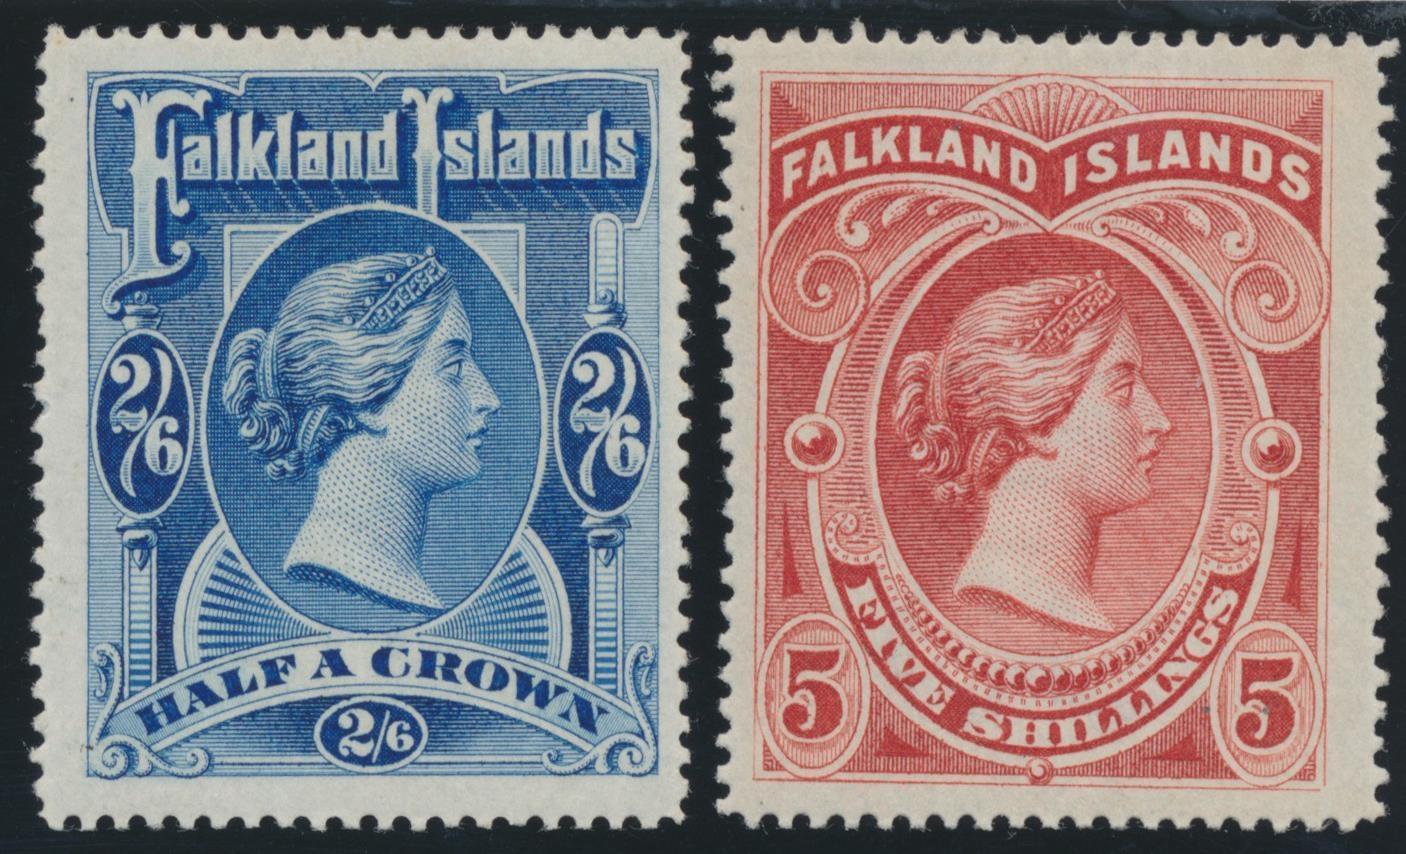 FALKLAND ISLANDS 1898 QV 2/6d. & 5/-